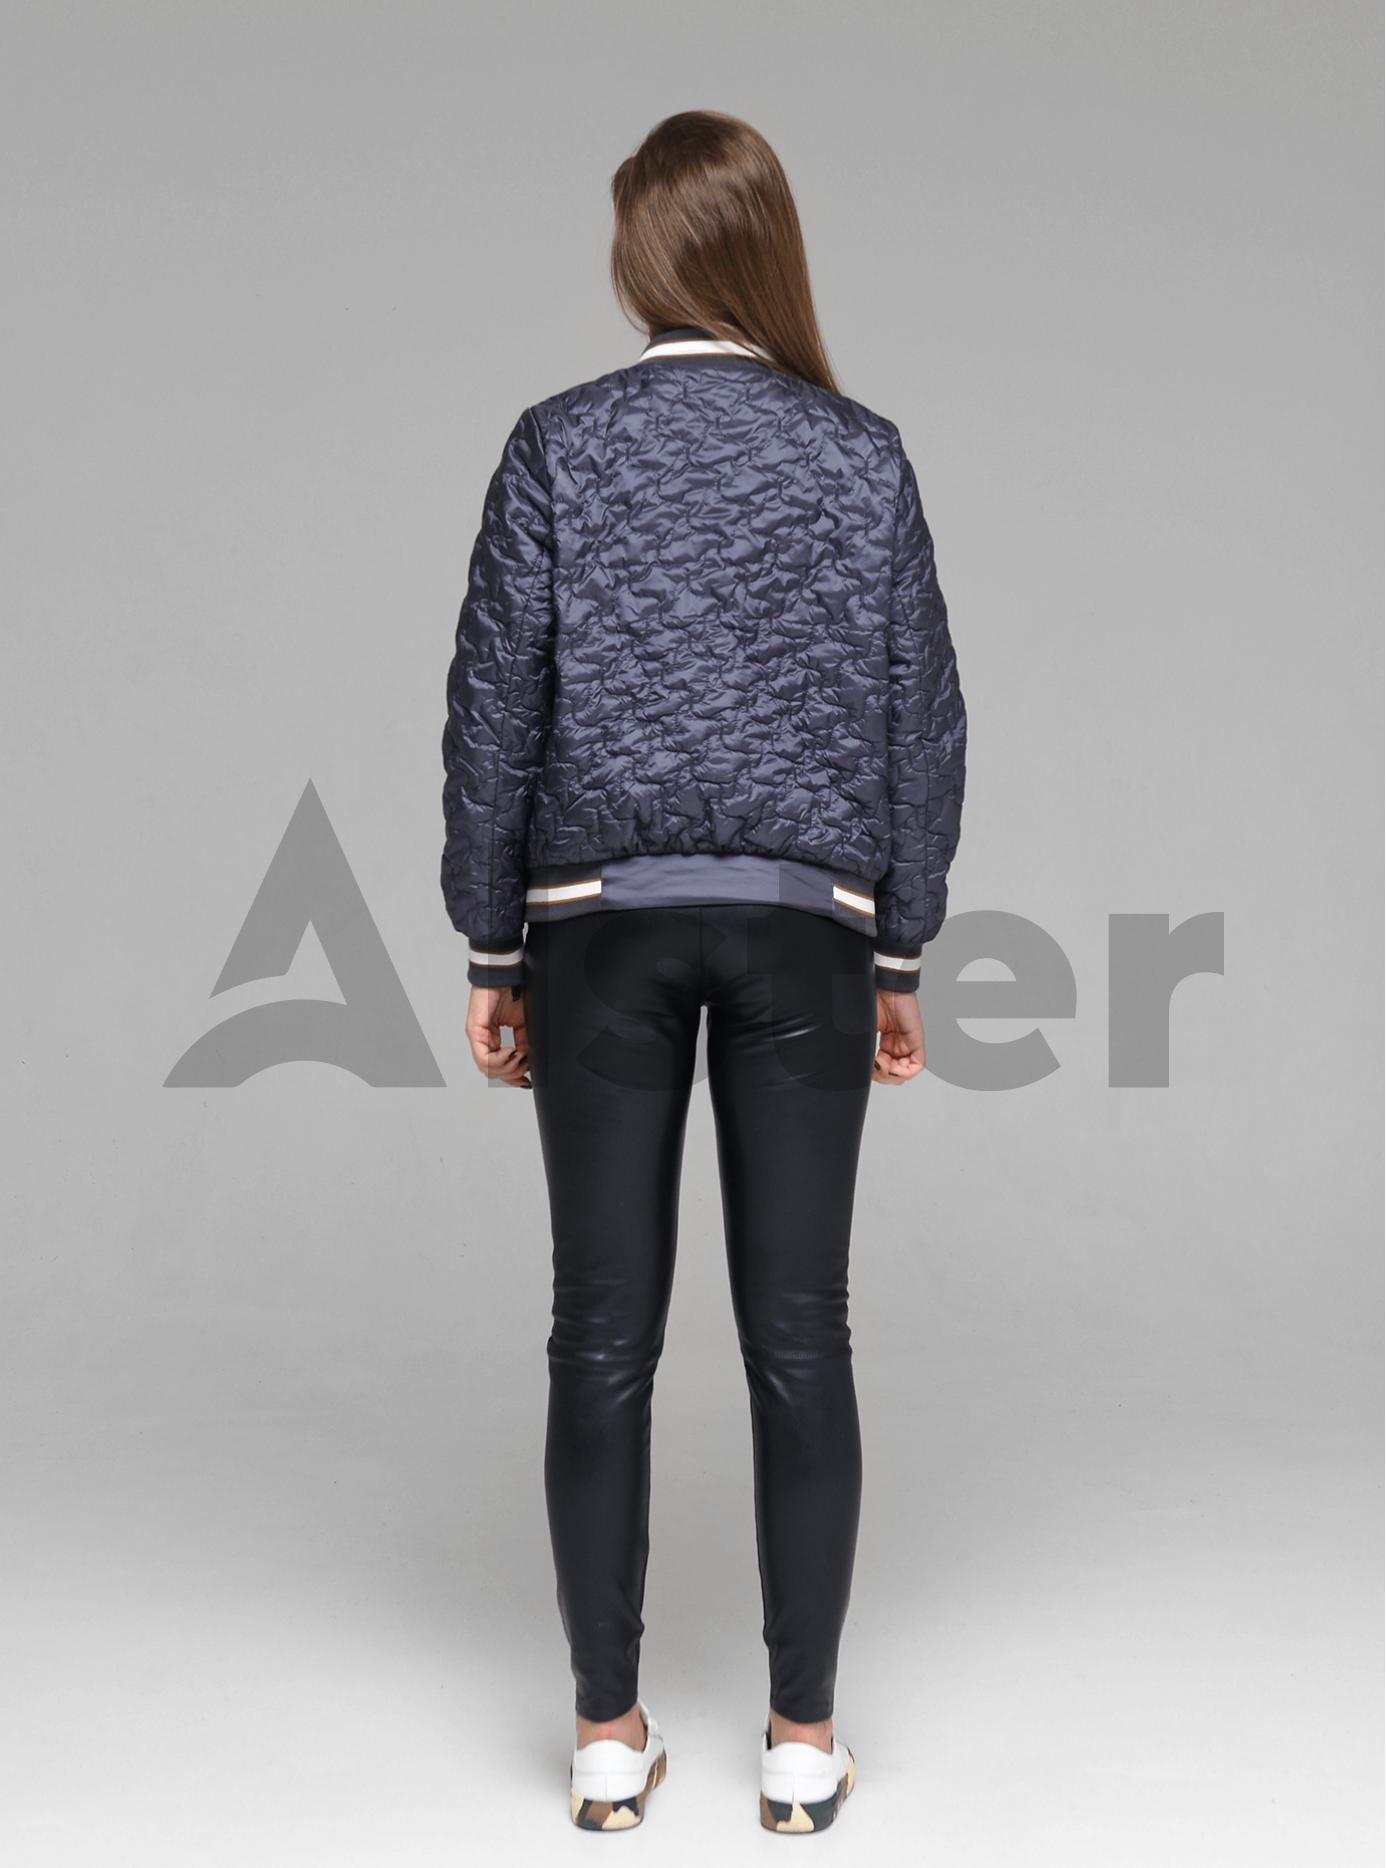 Куртка демисезонная женская Графитовый S (02-D190114): фото - Alster.ua